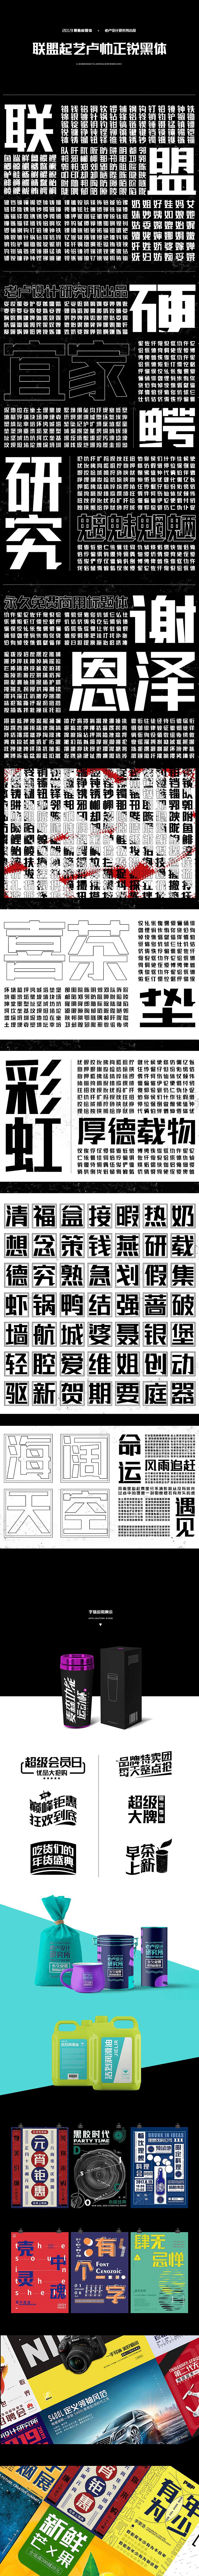 联盟起艺卢帅正锐黑体正式版,免费商用